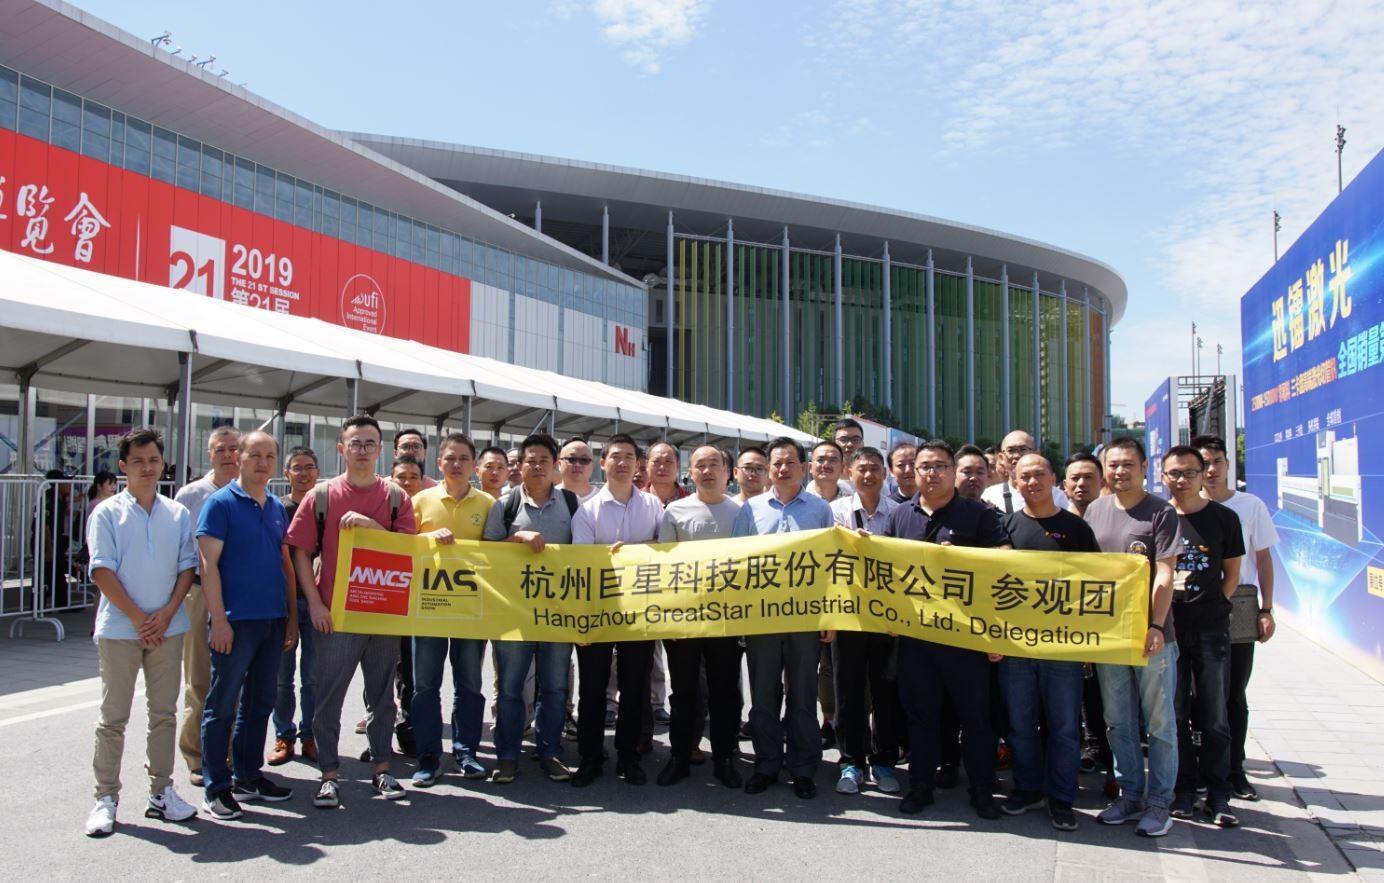 2020 中国国际工业博览会_ VIP 参观团 邀请函